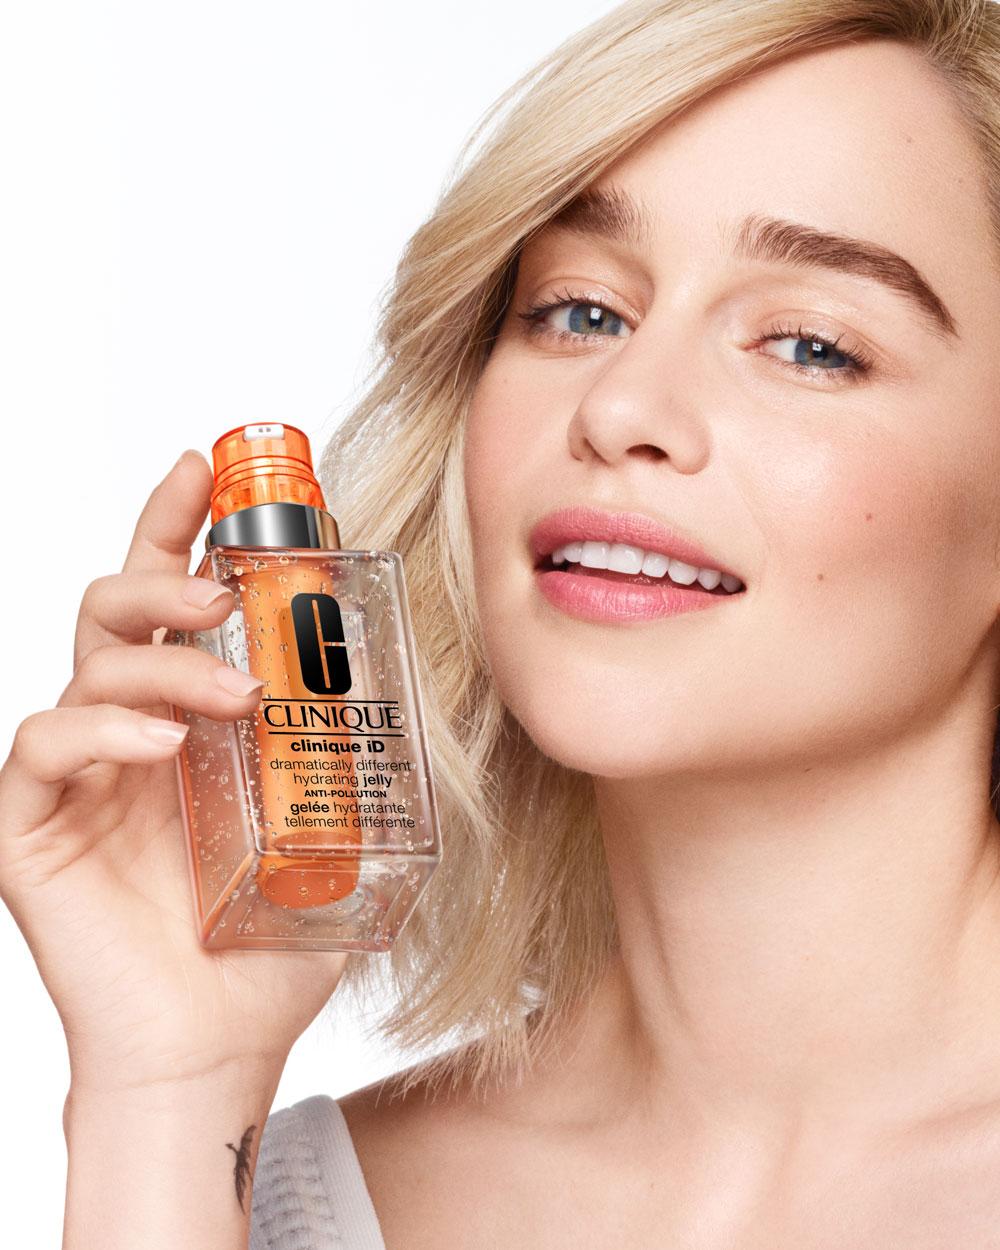 auf sonrisa hast Du es als erstes gelesen: Clinique ernennt Schauspielerin Emilia Clarke zur ersten Botschafterin in der Geschichte der Firma!